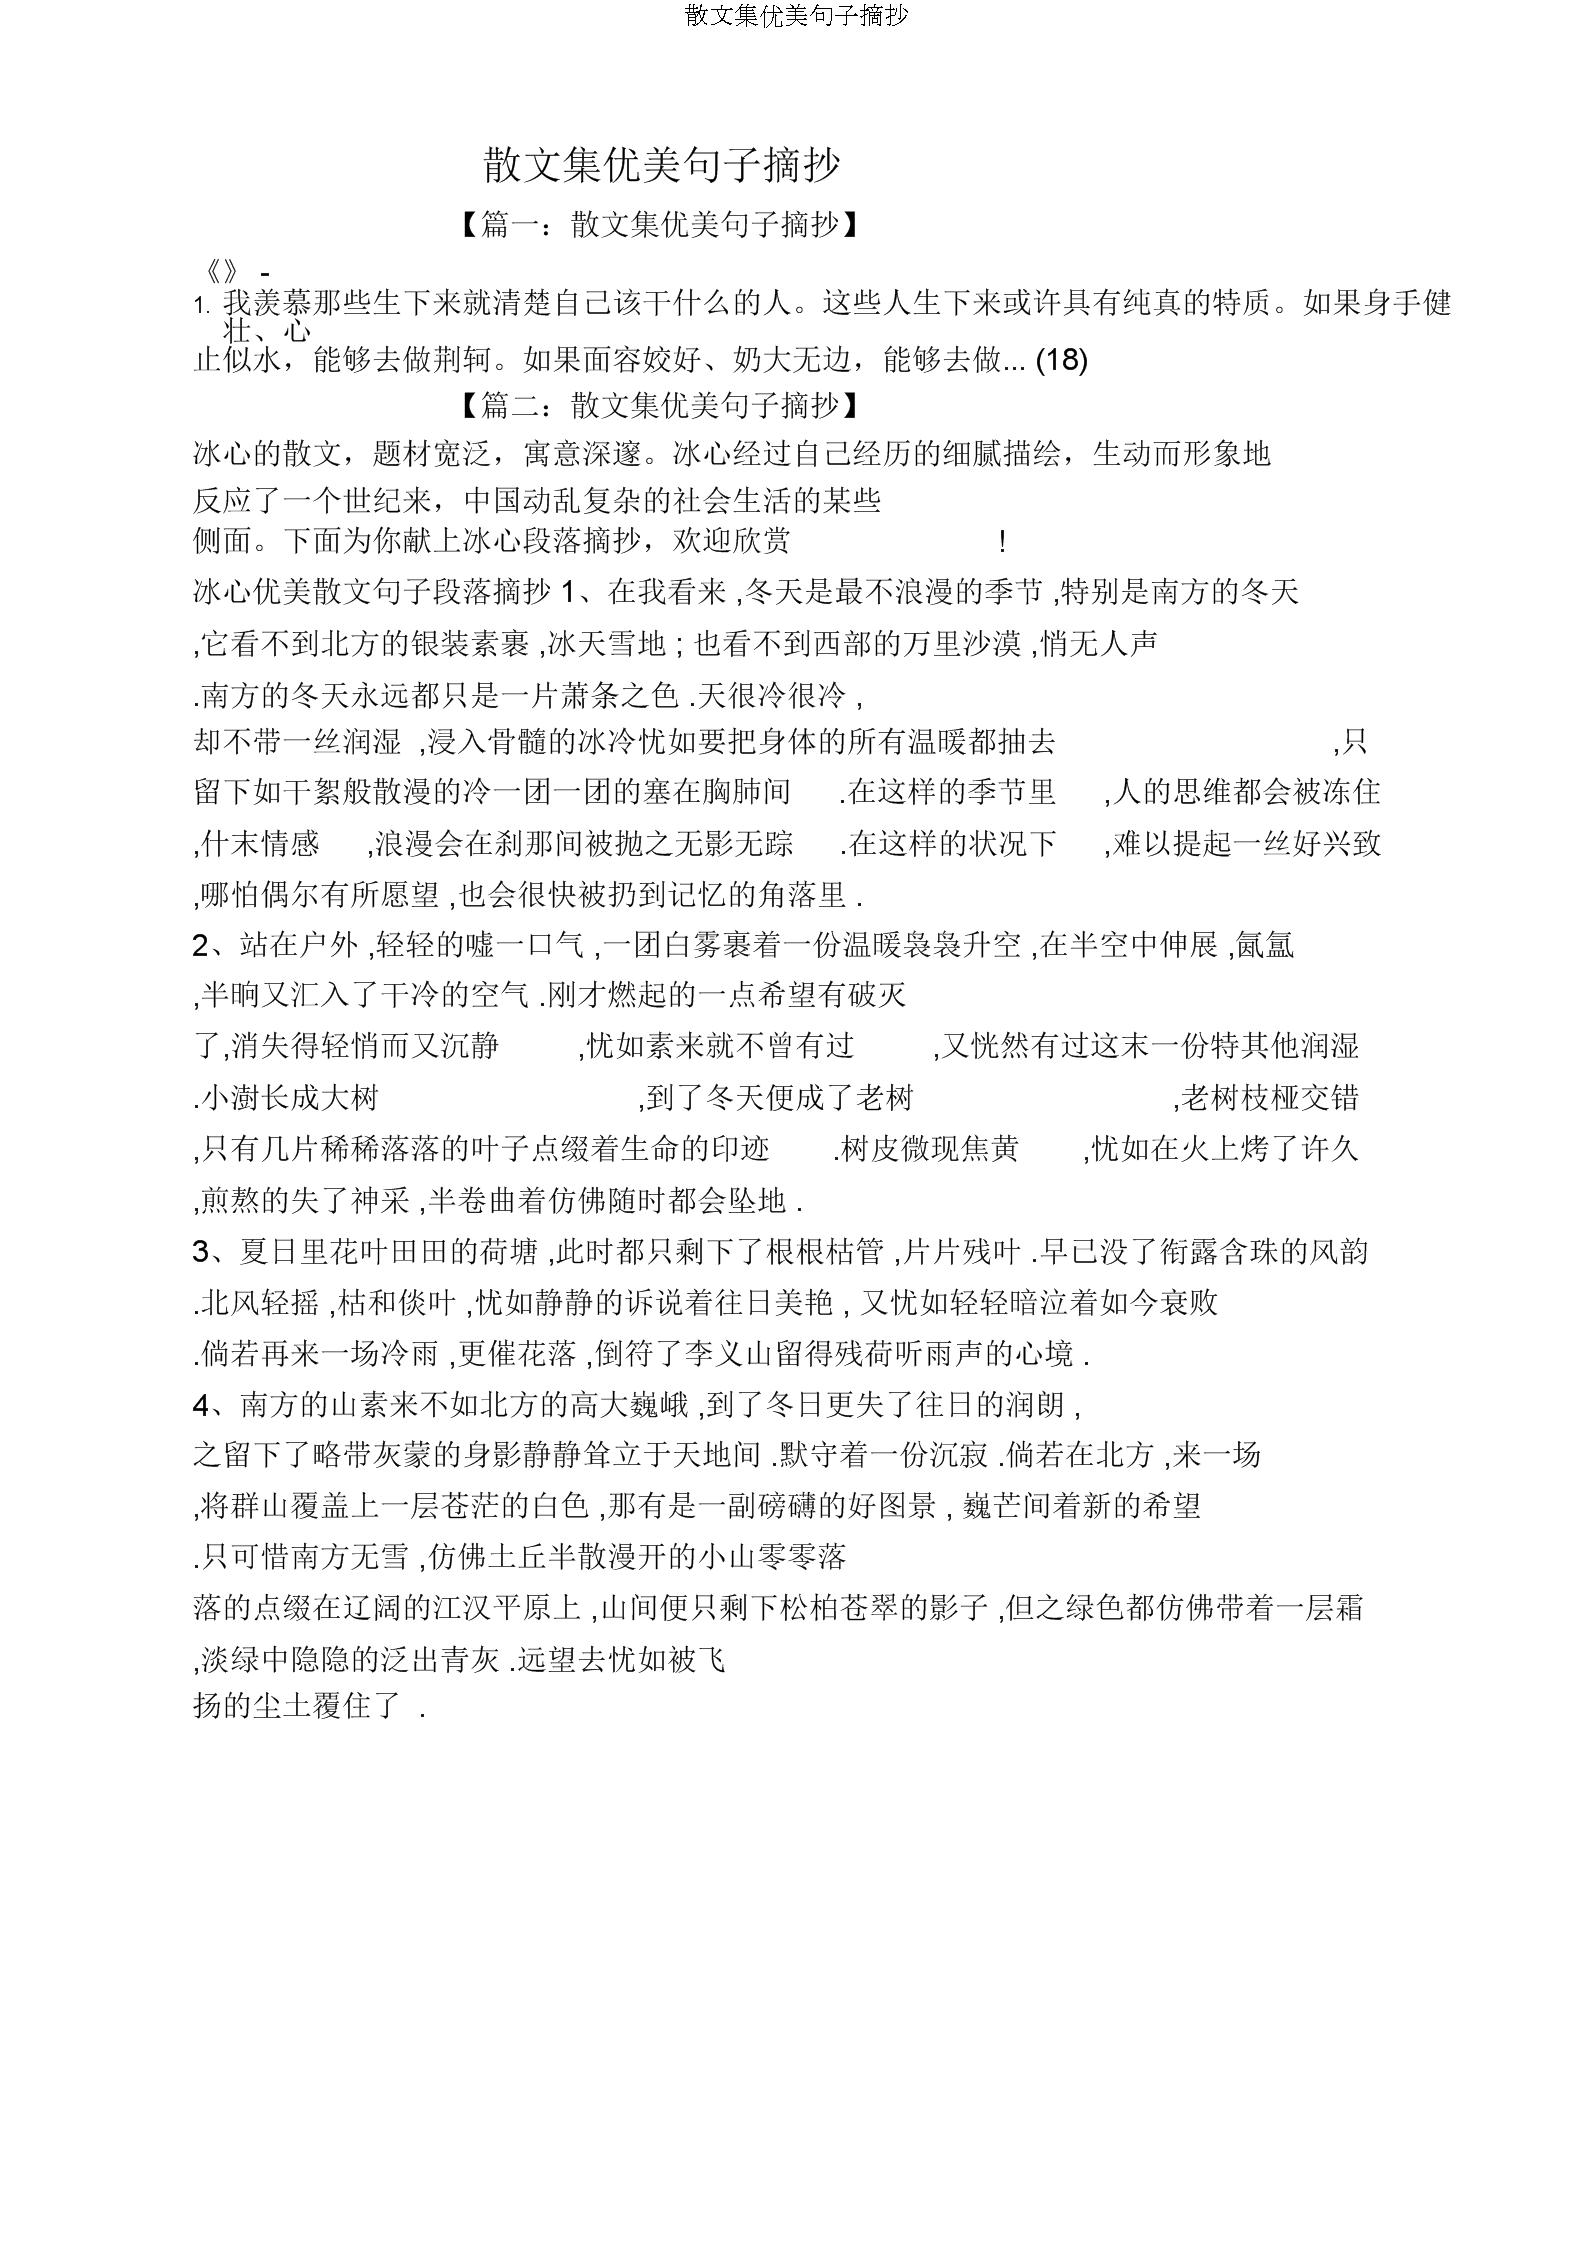 优美句子大全10字左右【写景句子摘抄20到30字】